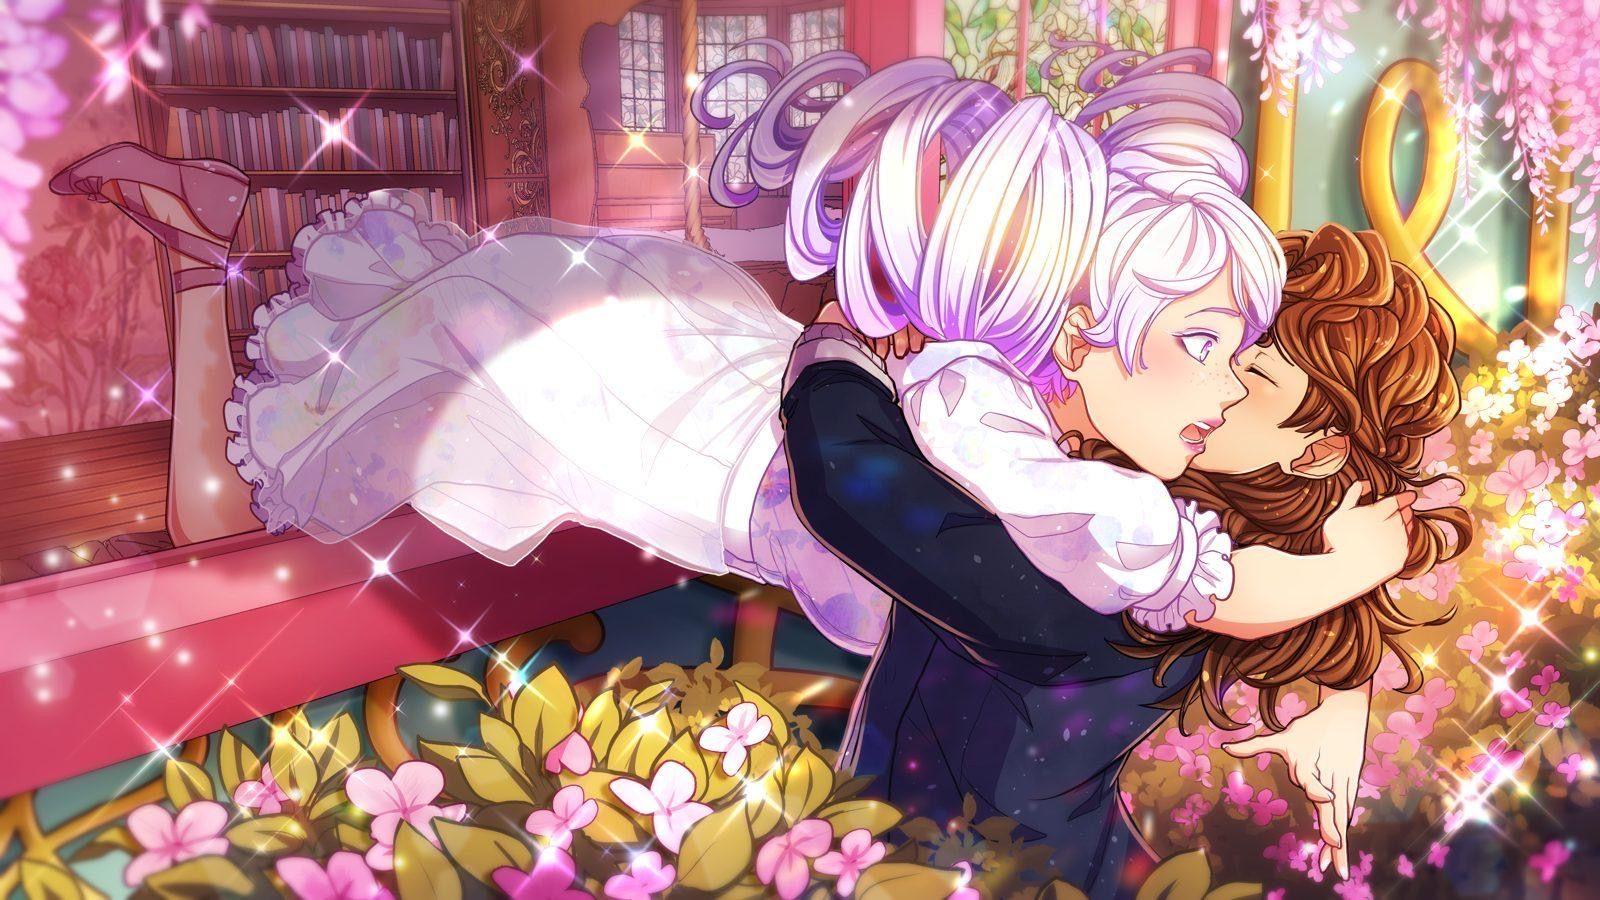 Sweet Enchantments Emeril Season 3 Anime, Seasons, Art